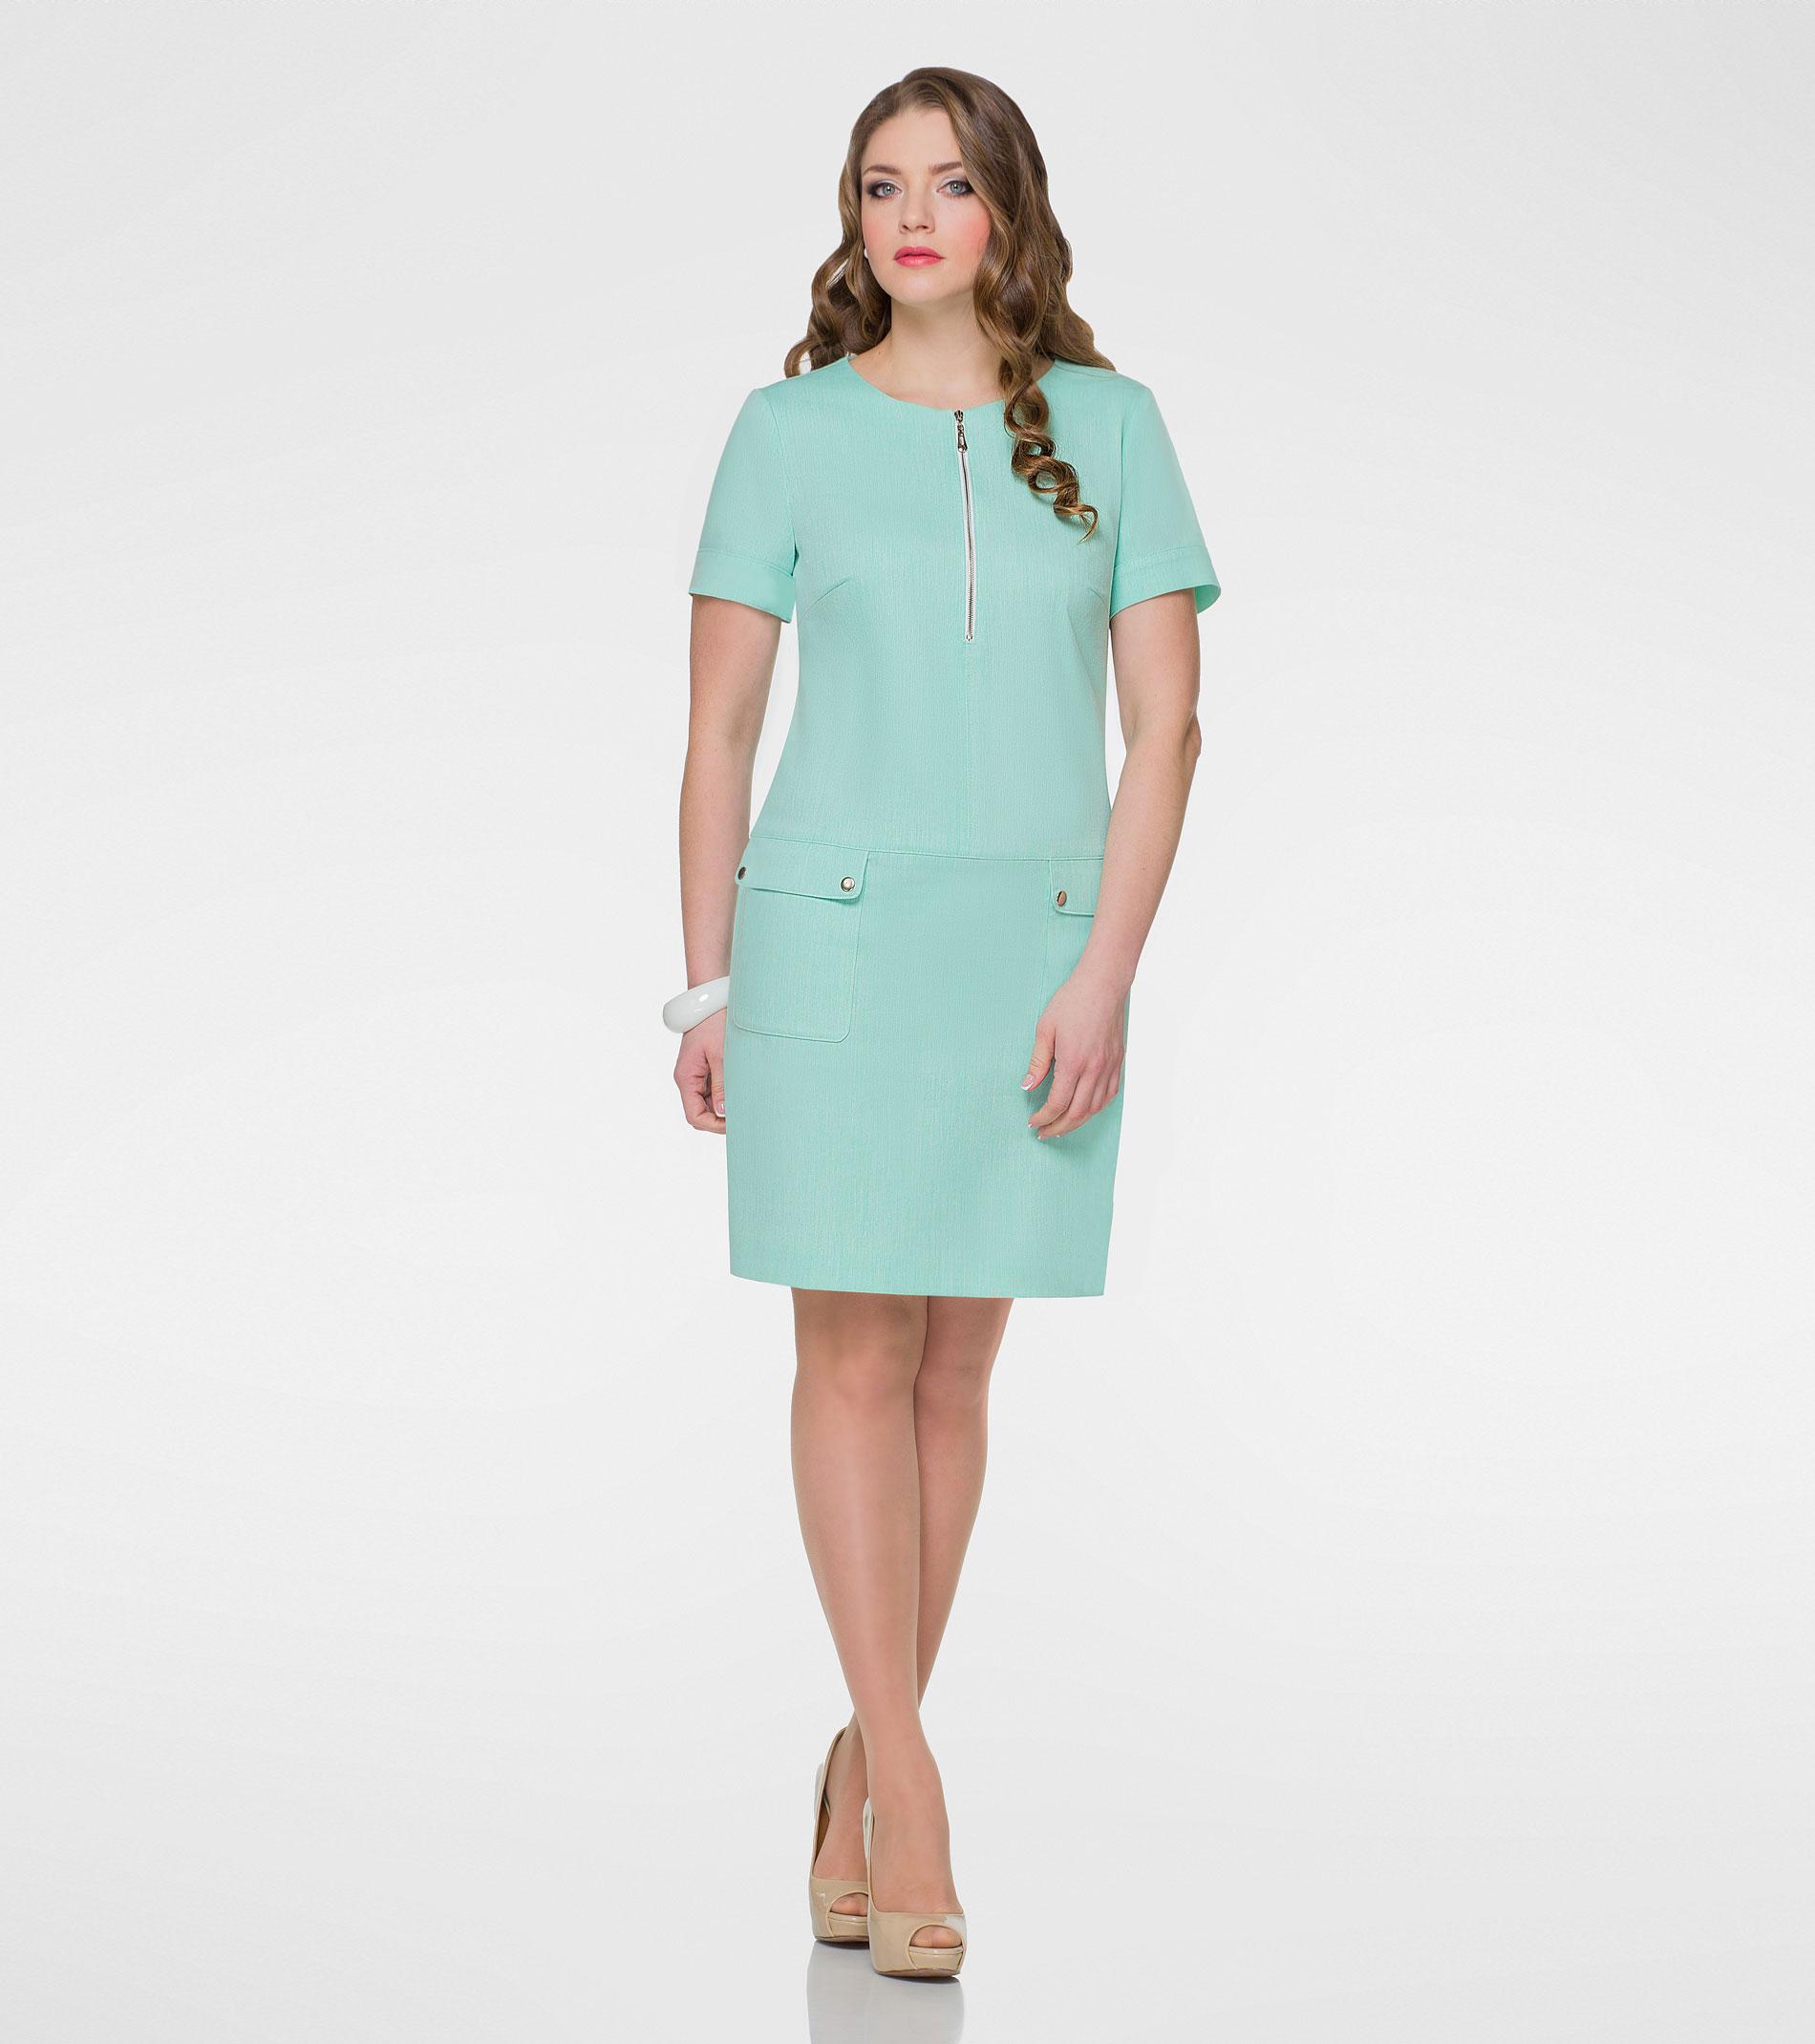 Женская одежда бьютифул интернет магазин доставка